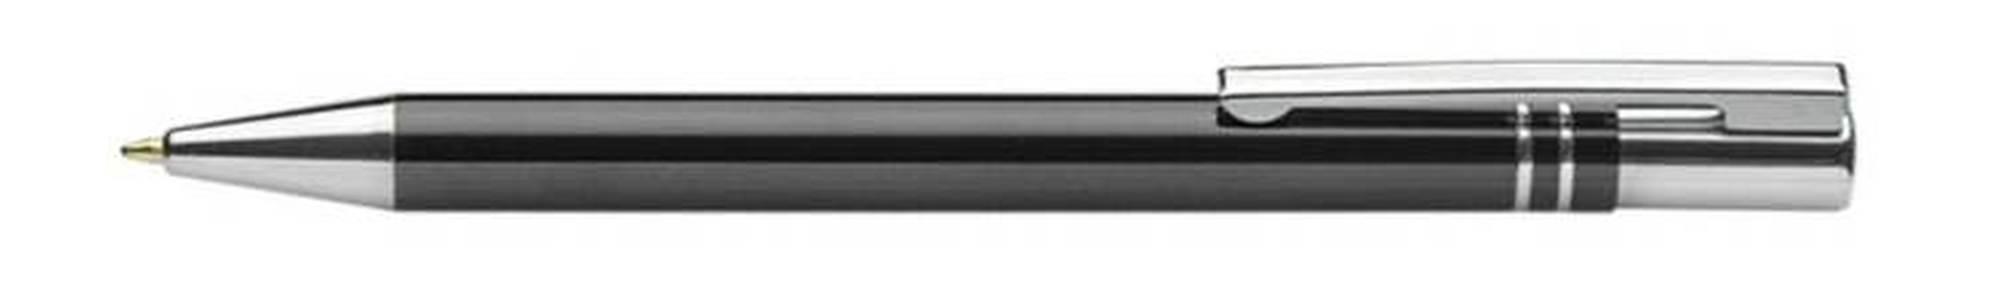 Długopis reklamowy metalowy – 19566